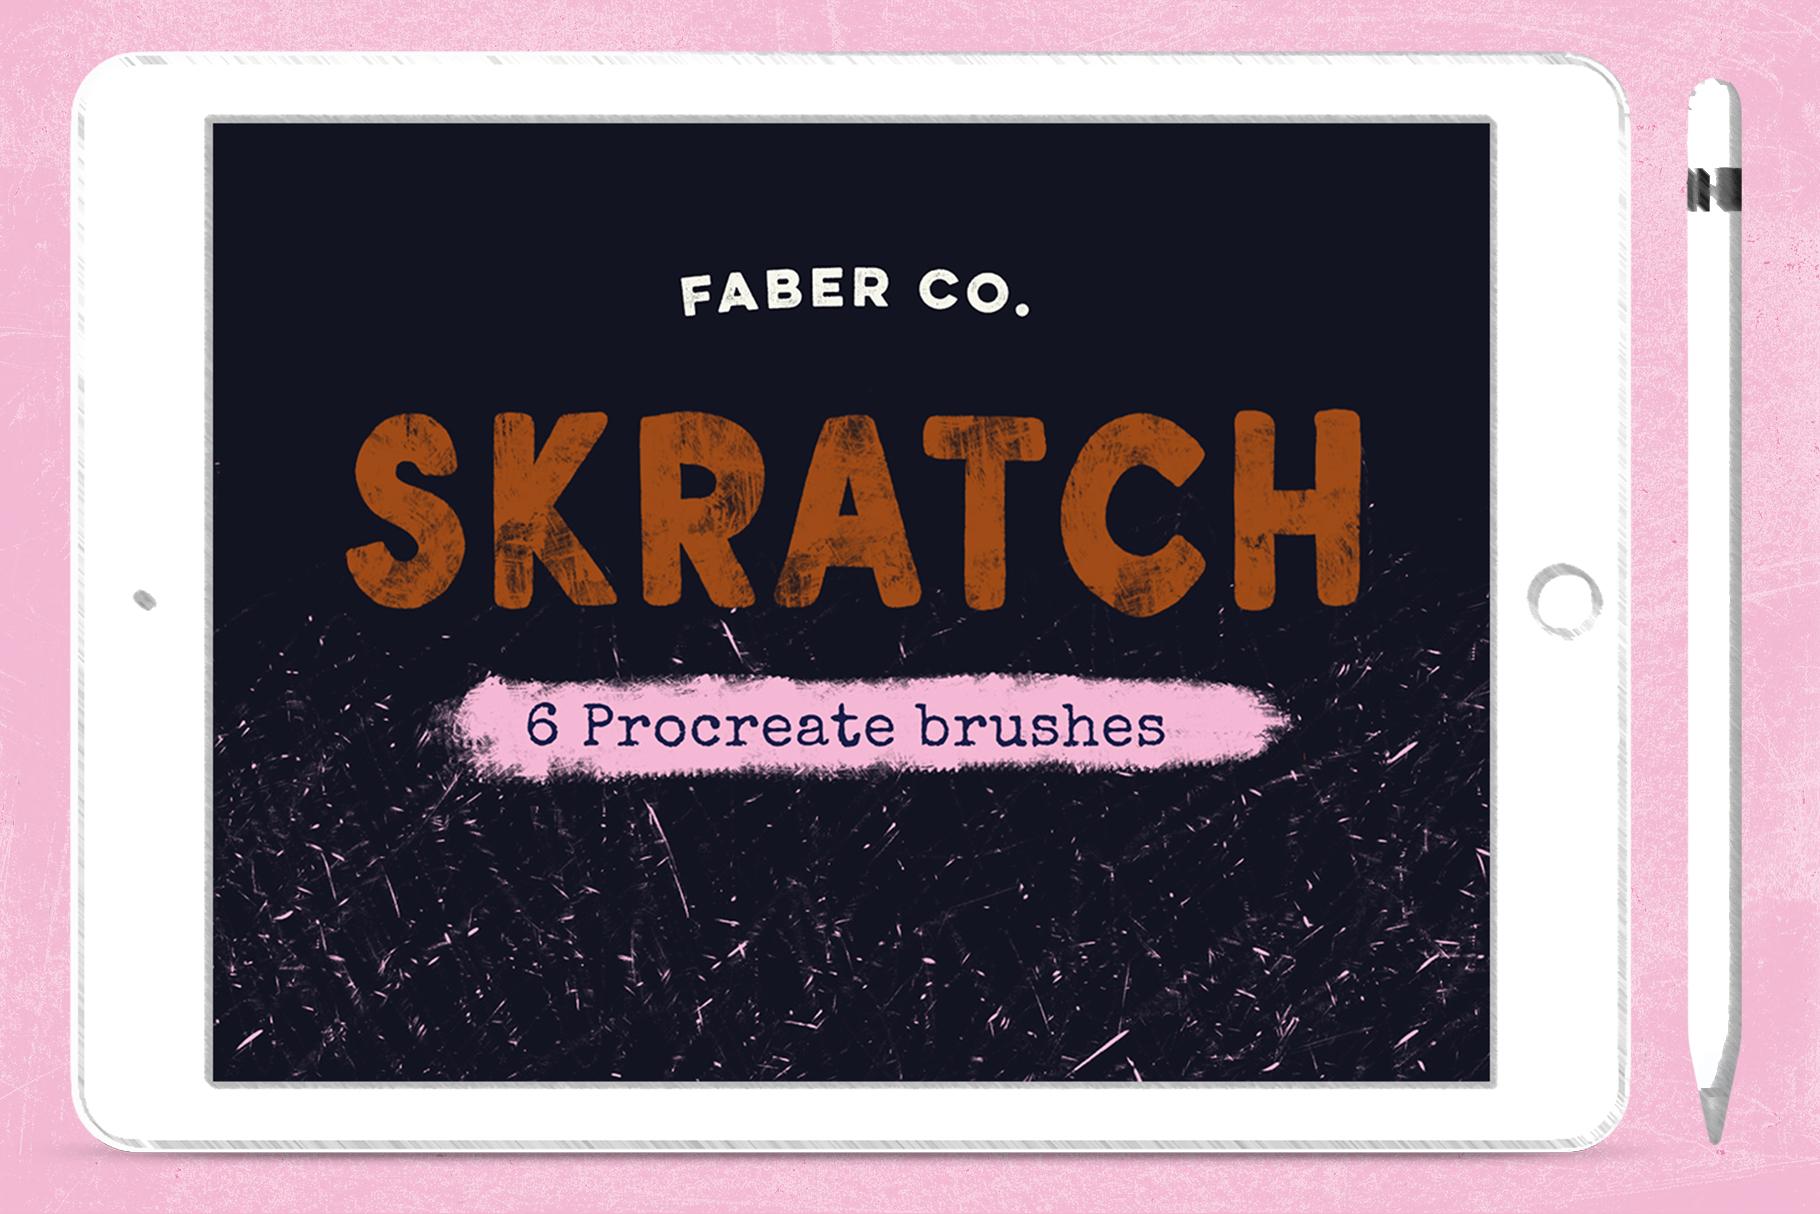 01-scratch-procreate-brushes-cover_FaberCo-1820x1214.jpg